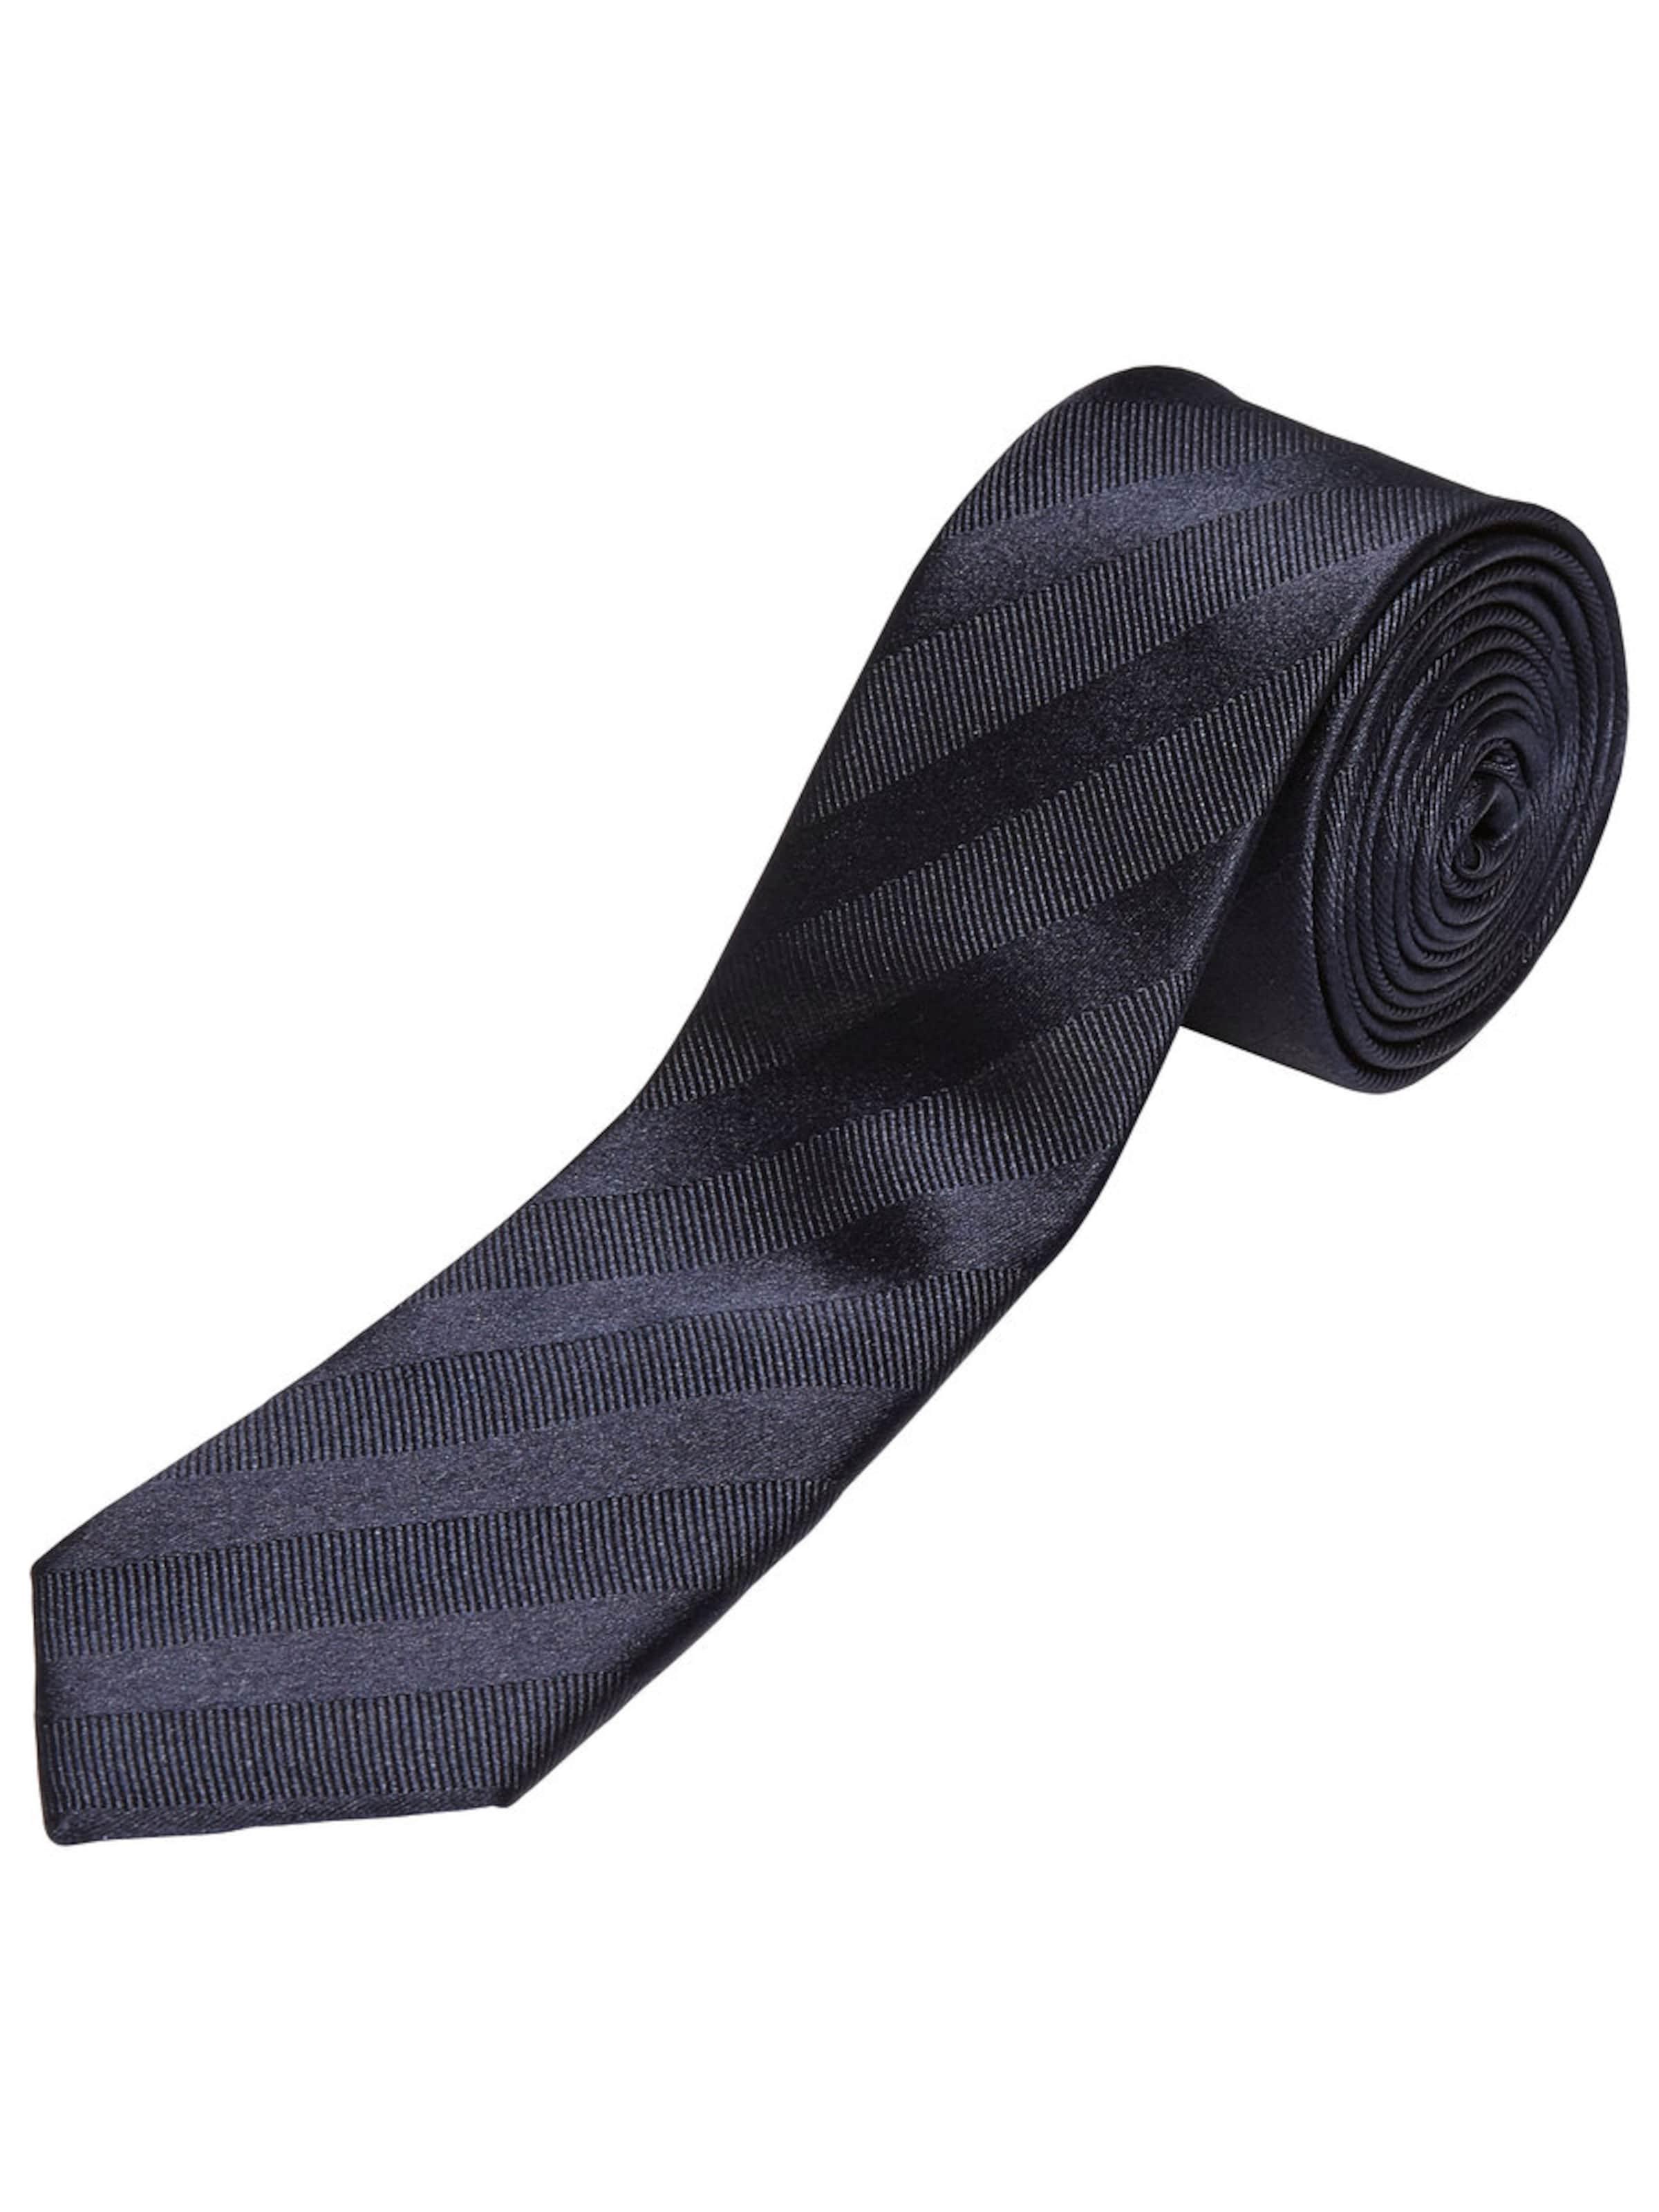 Beschränkte Auflage Rabatt-Codes Online-Shopping SELECTED HOMME Krawatte Bzta7sW